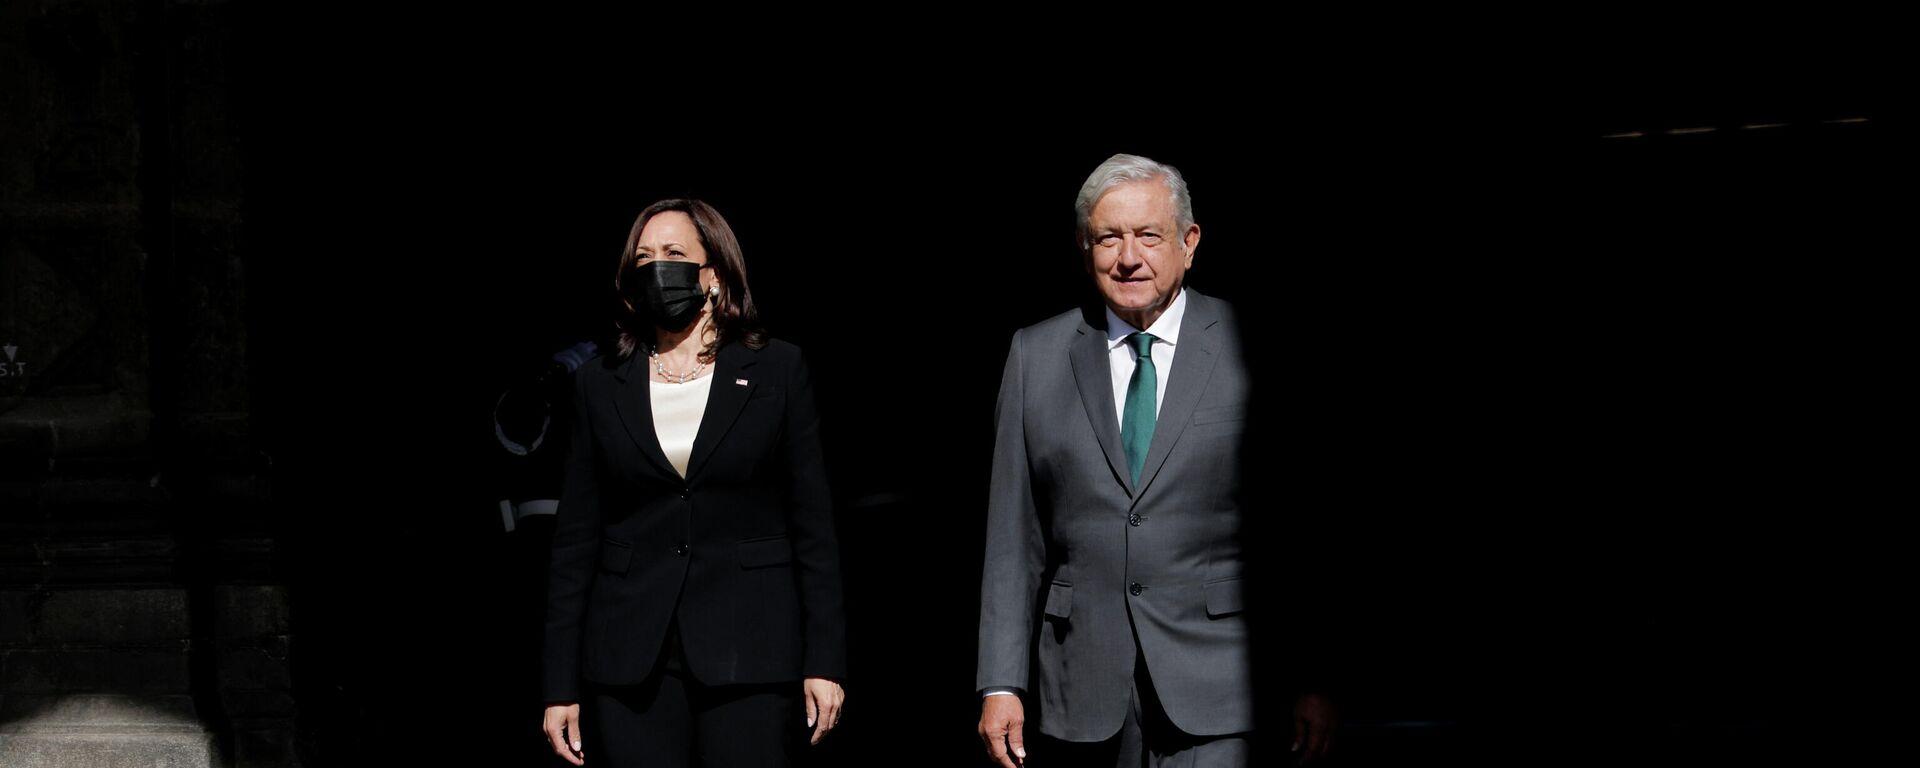 La vicepresidenta de EEUU, Kamala Harris, y el presidente de México, Andrés Manuel López Obrador - Sputnik Mundo, 1920, 09.06.2021